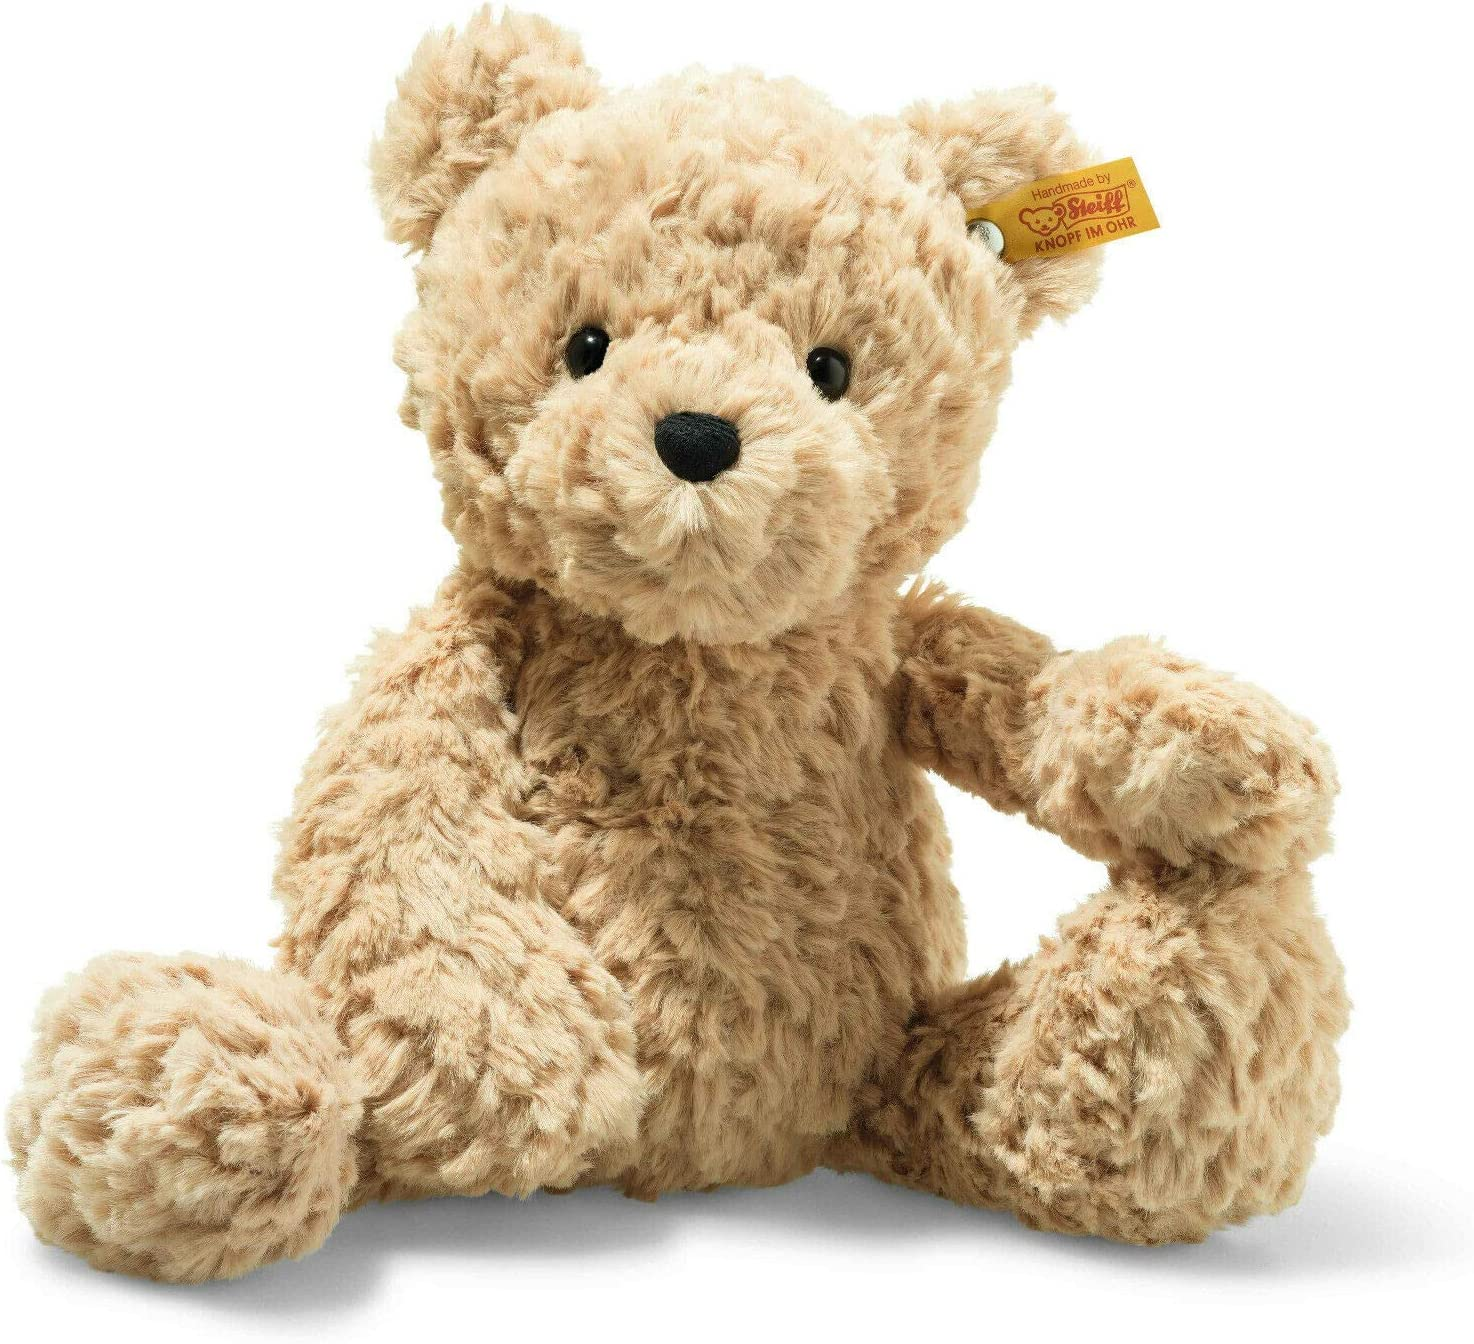 """Steiff Jimmy Teddy Bear 12/"""" Soft Cuddly Friends Stuffed Animal"""